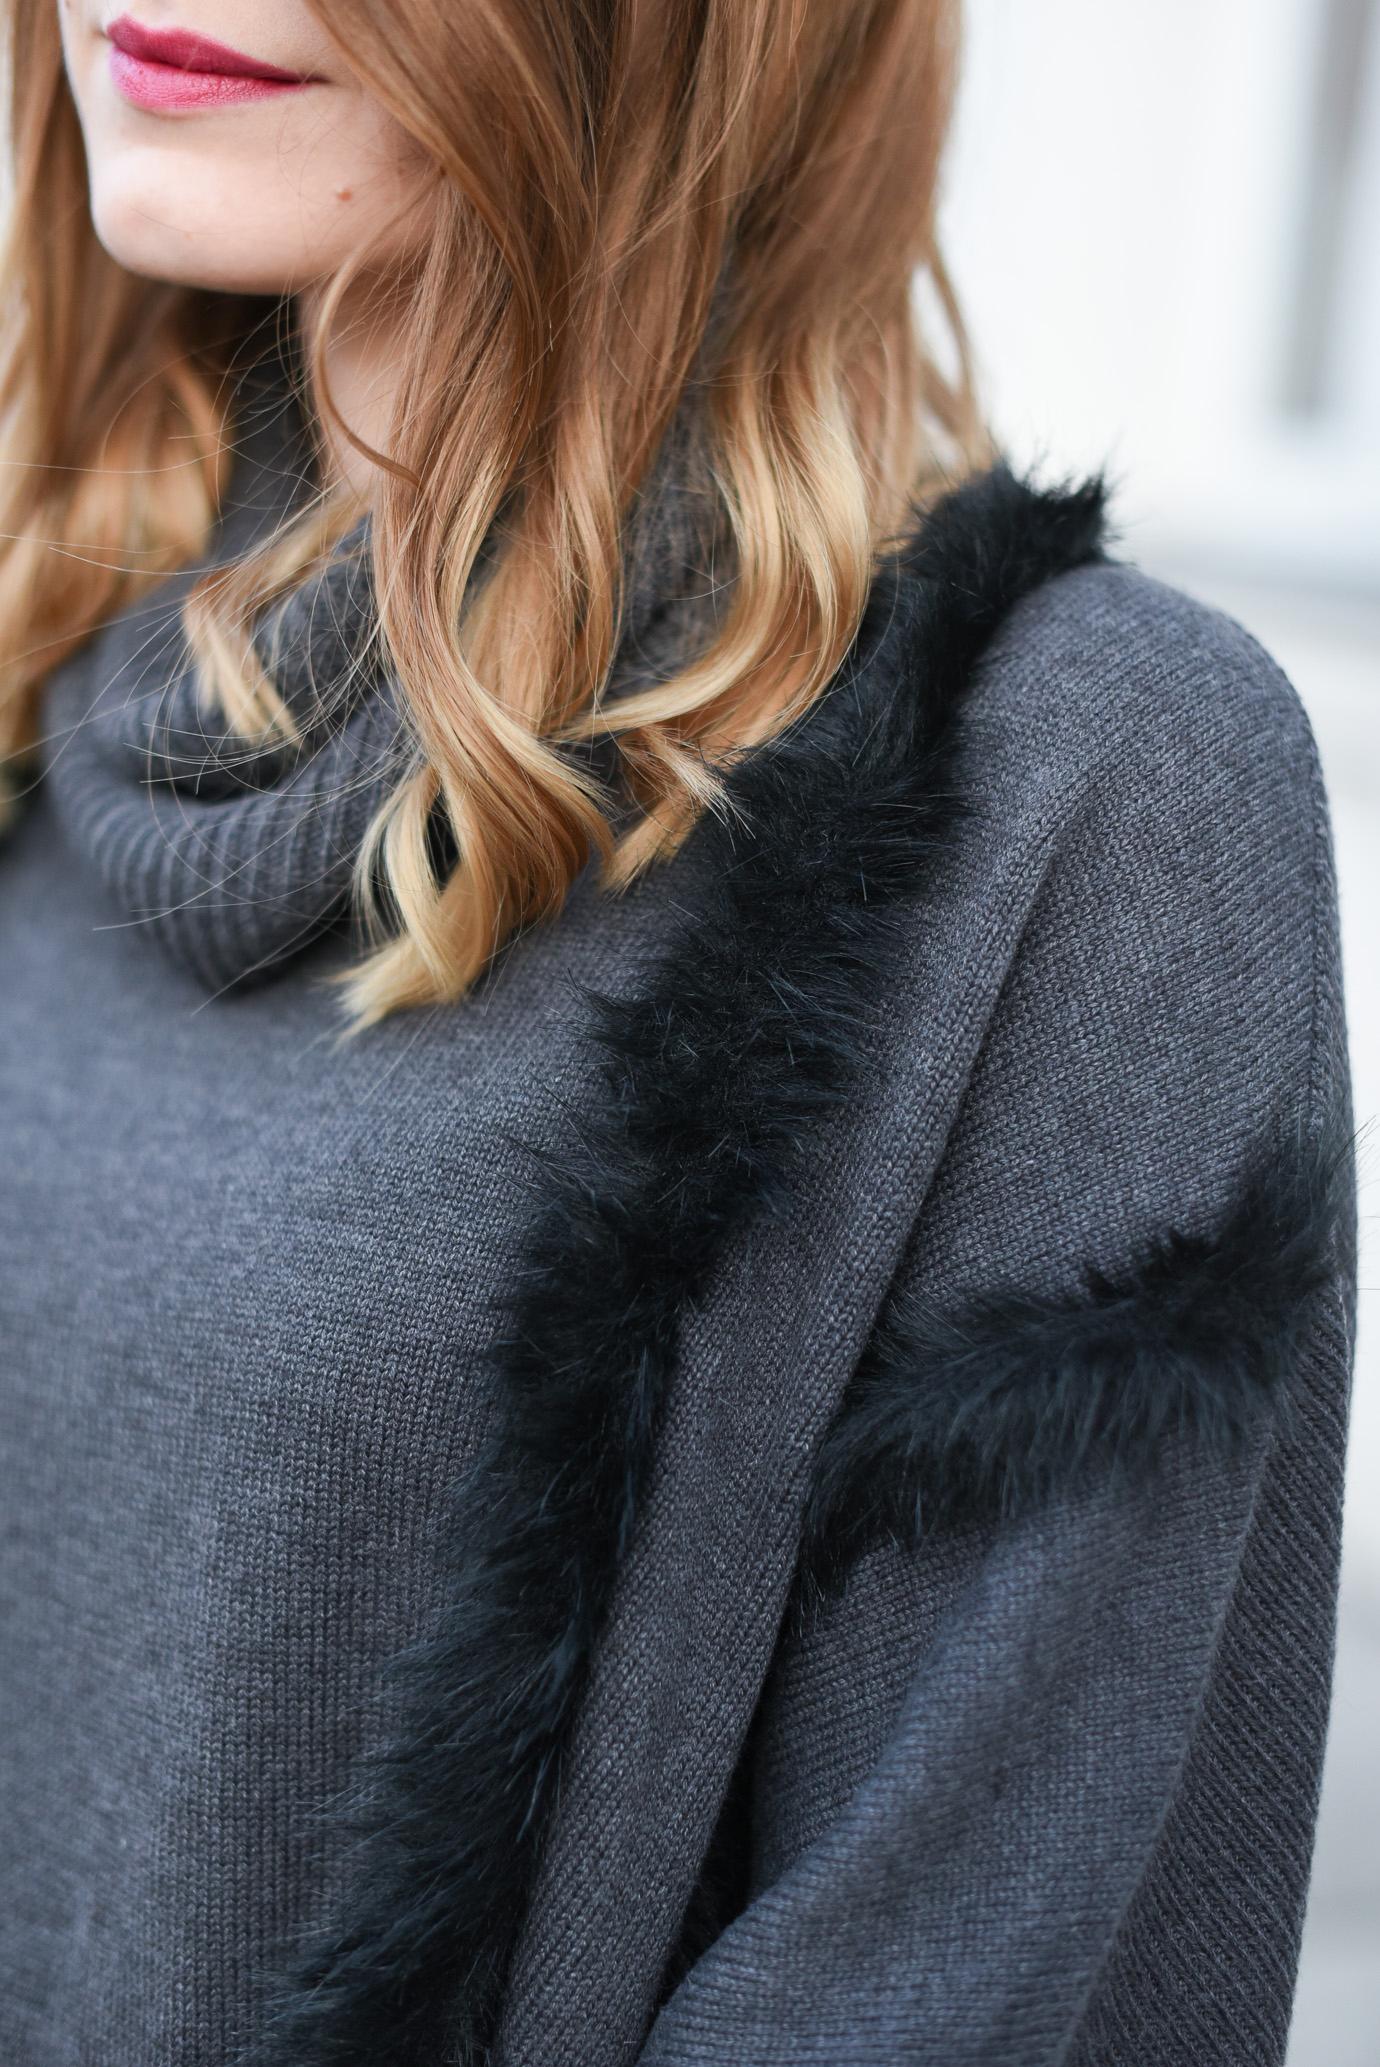 Fake_Fur_Sweater_9